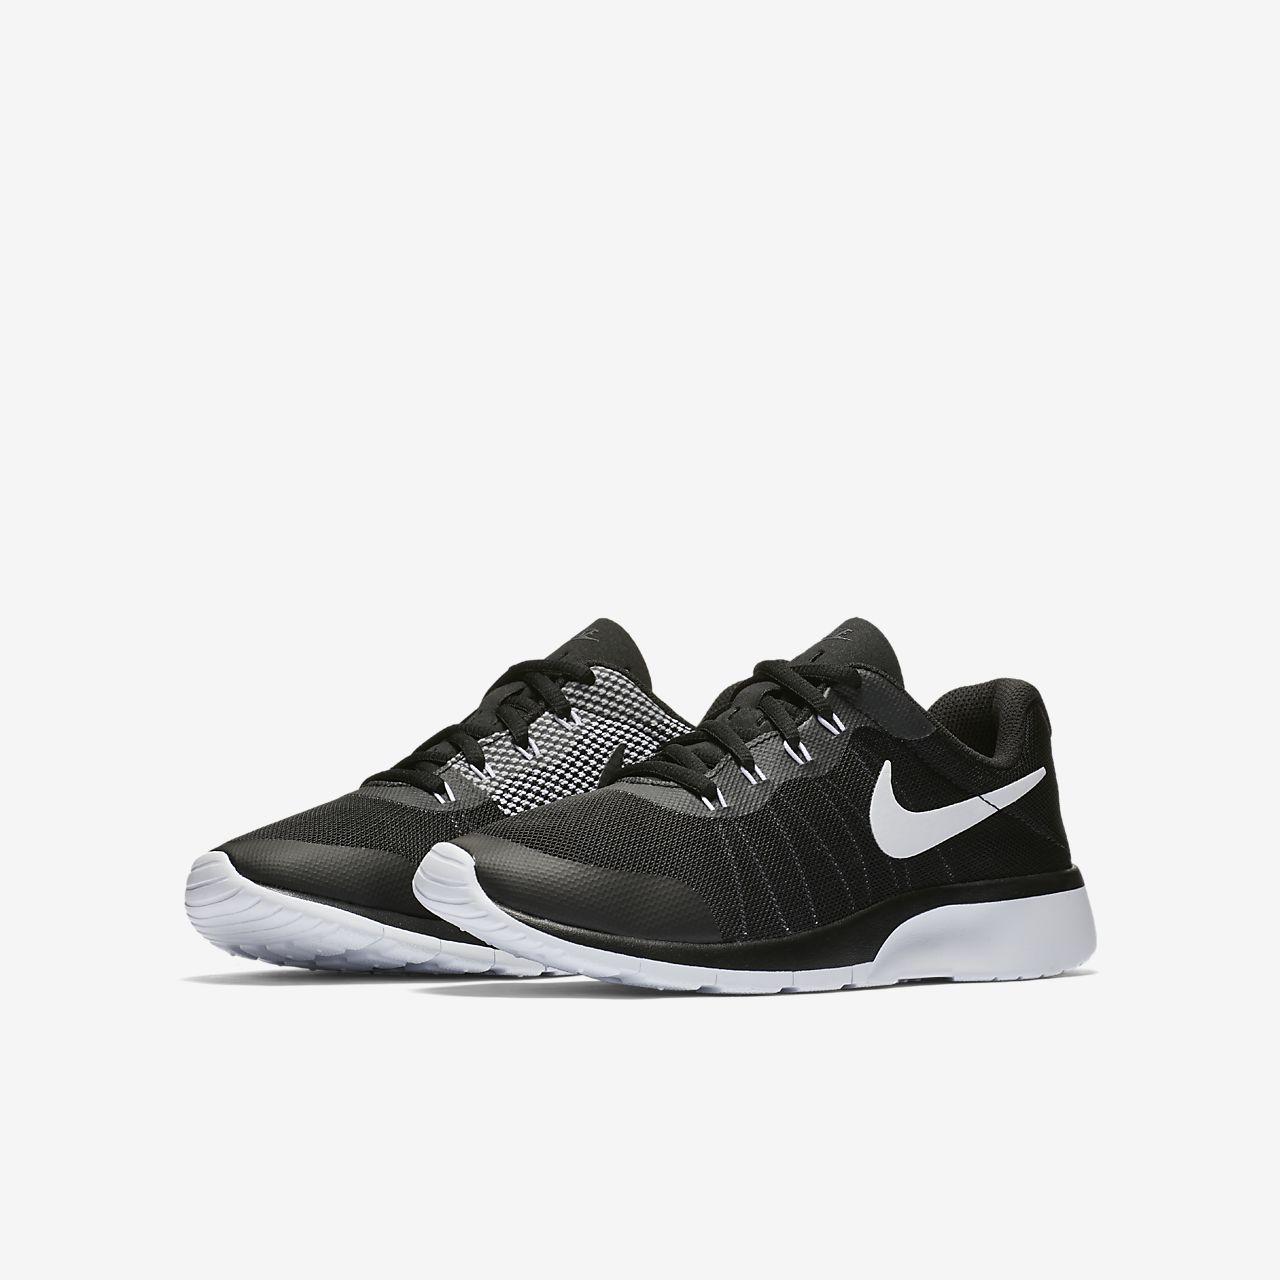 ... Nike Tanjun Racer Older Kids' Shoe